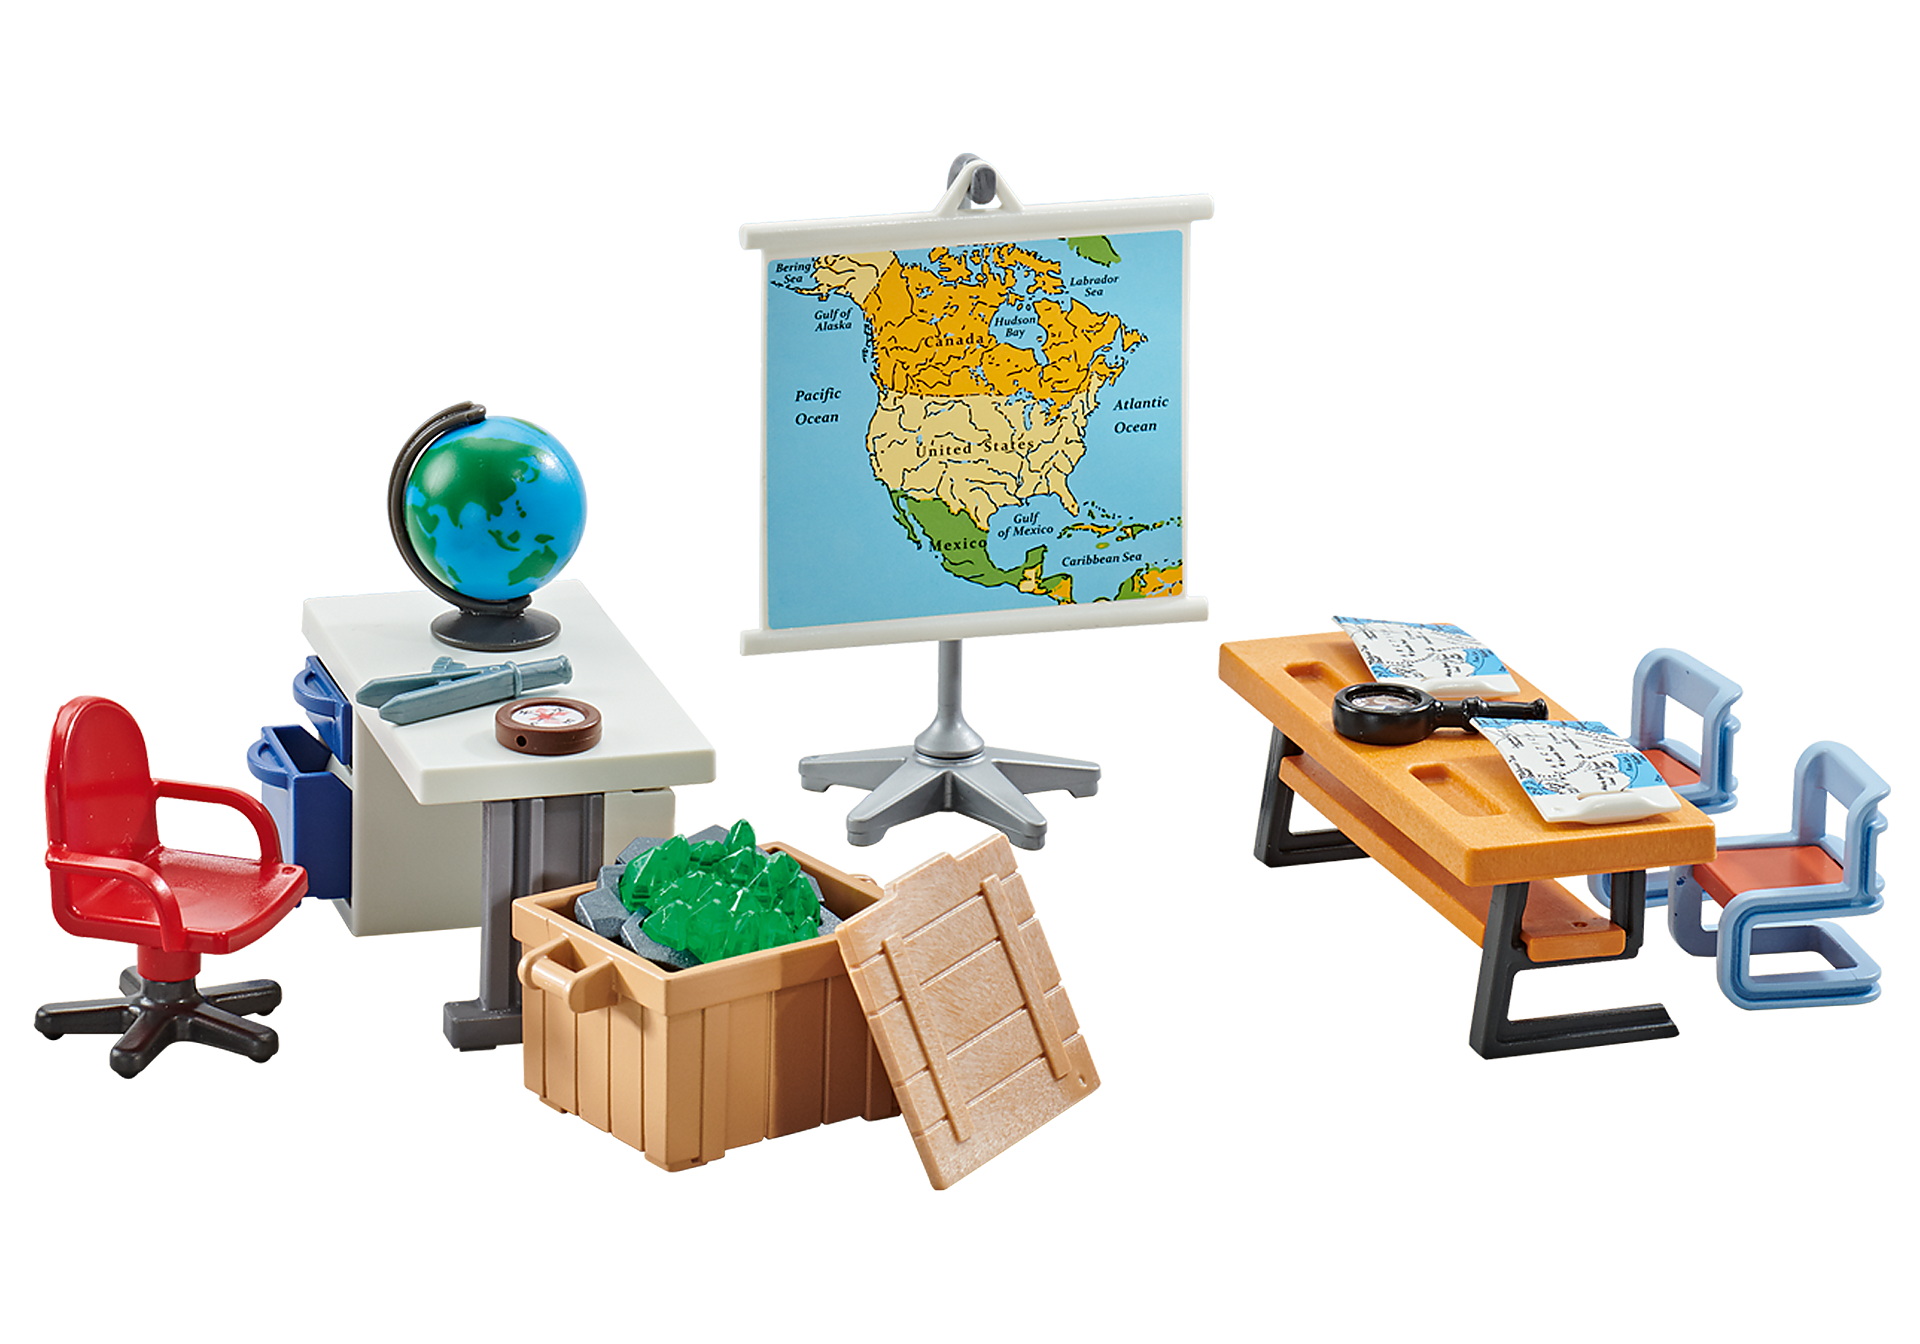 9810 Salle de classe géographie  zoom image1